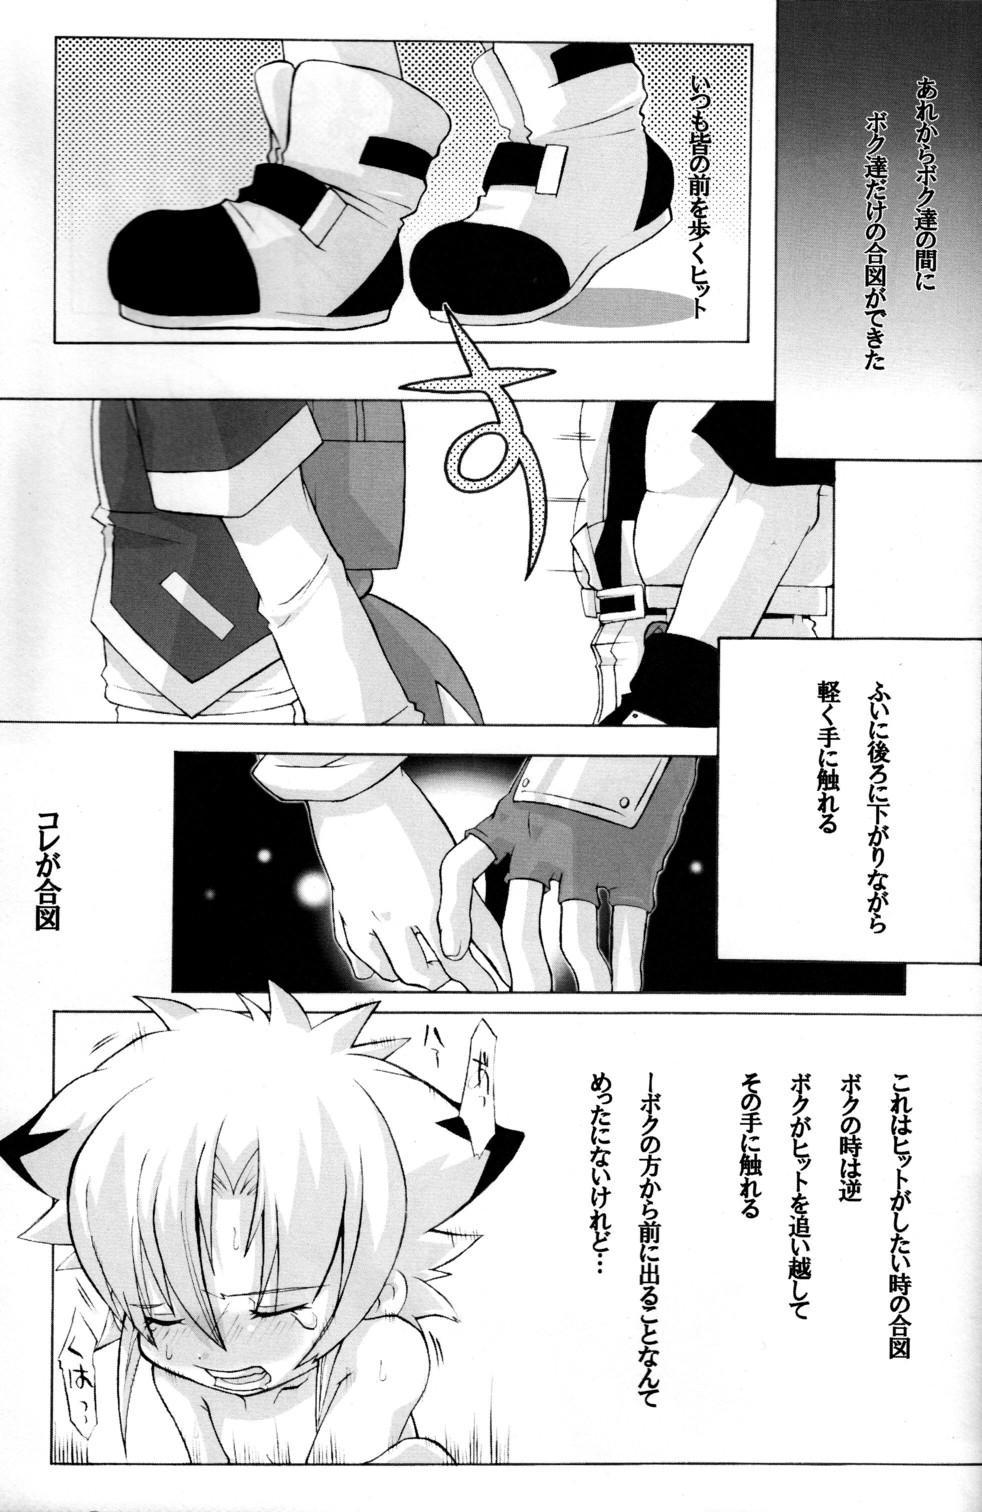 Baka no Shojo 34